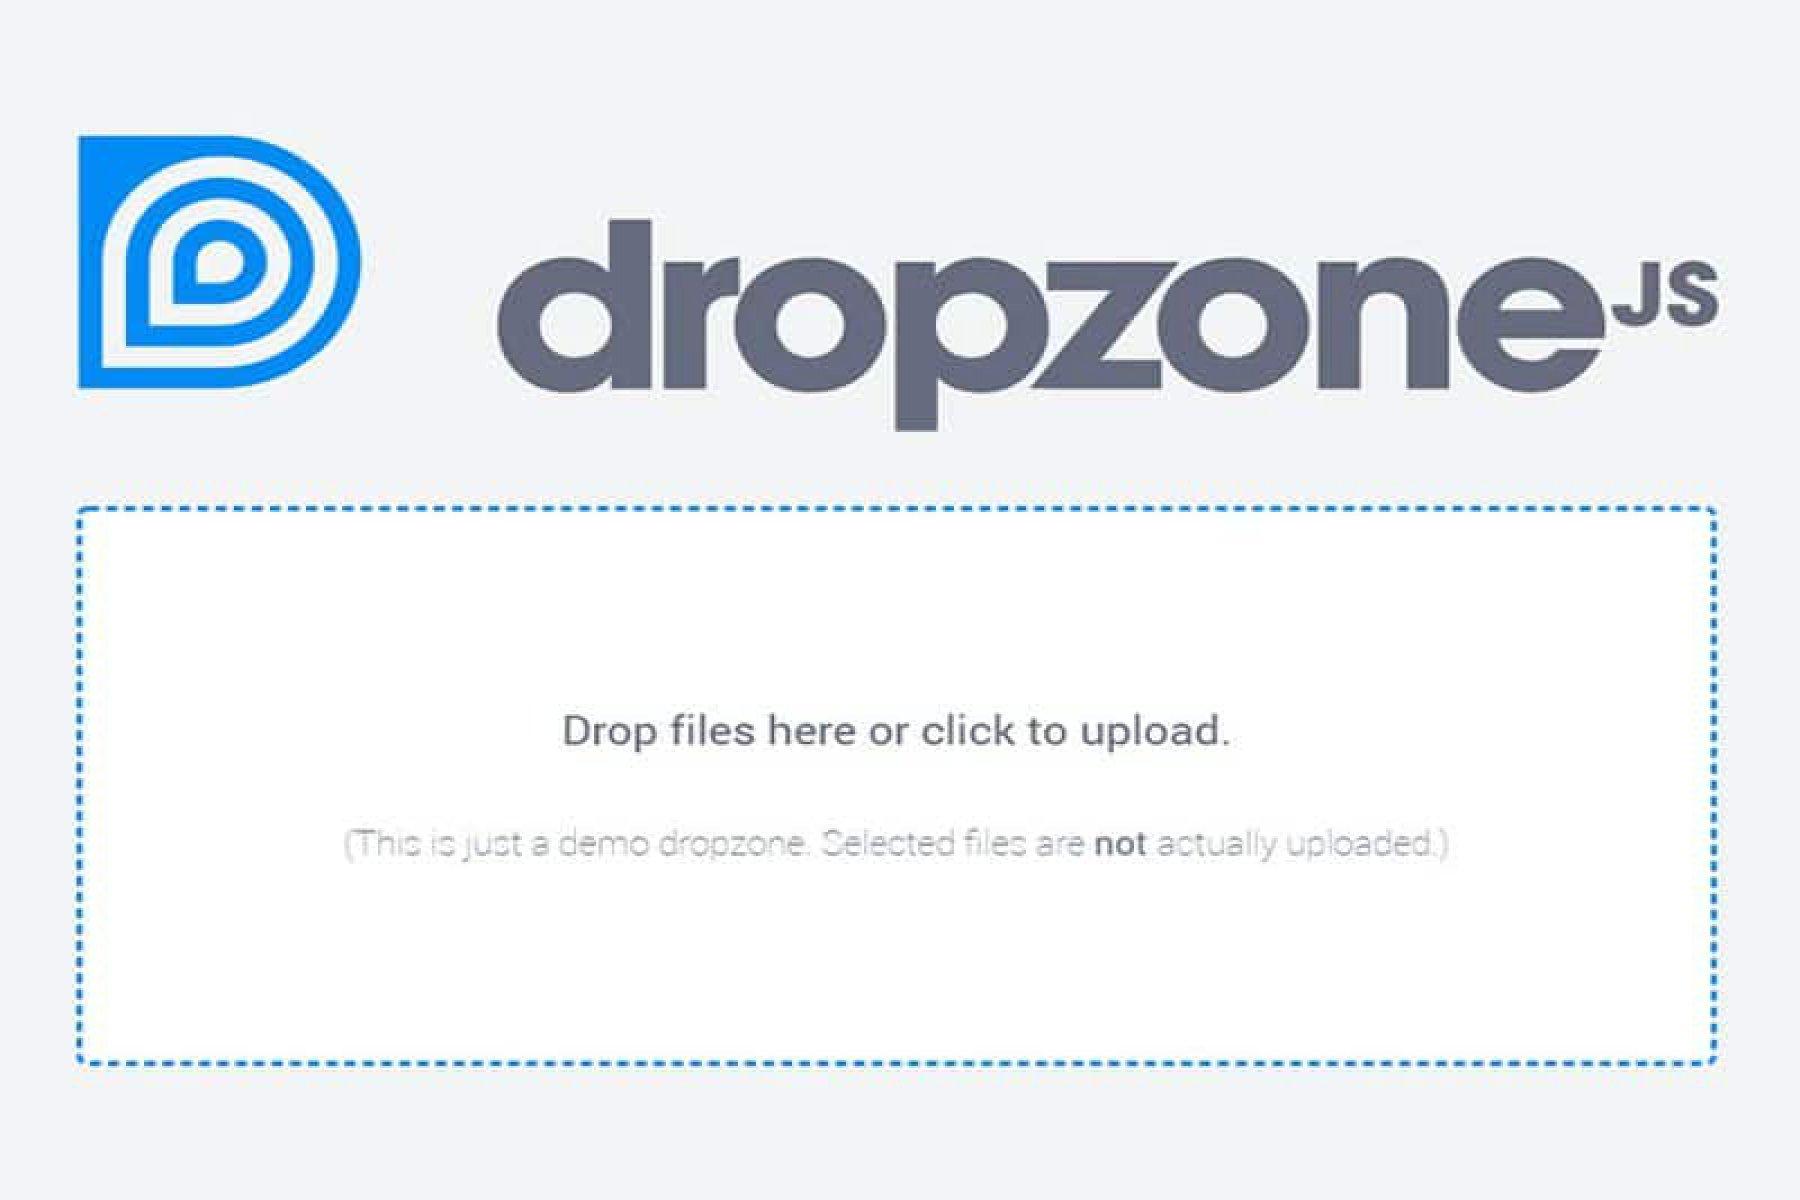 Dropzonejs nedir ve nasıl kullanılır?